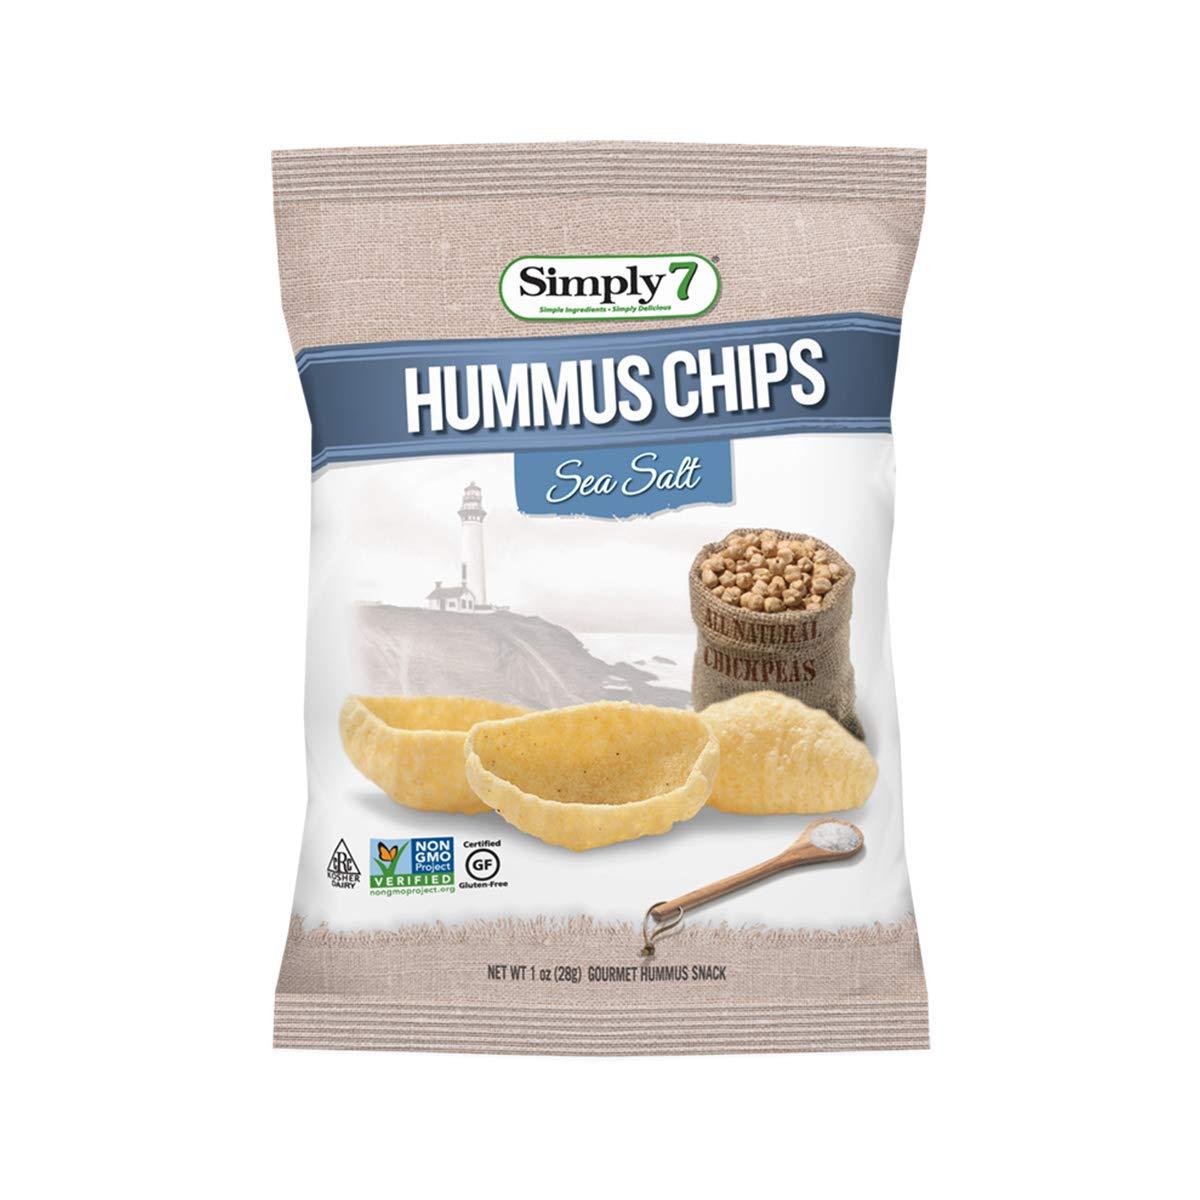 simply7-hummus-chips-seasalt.jpg